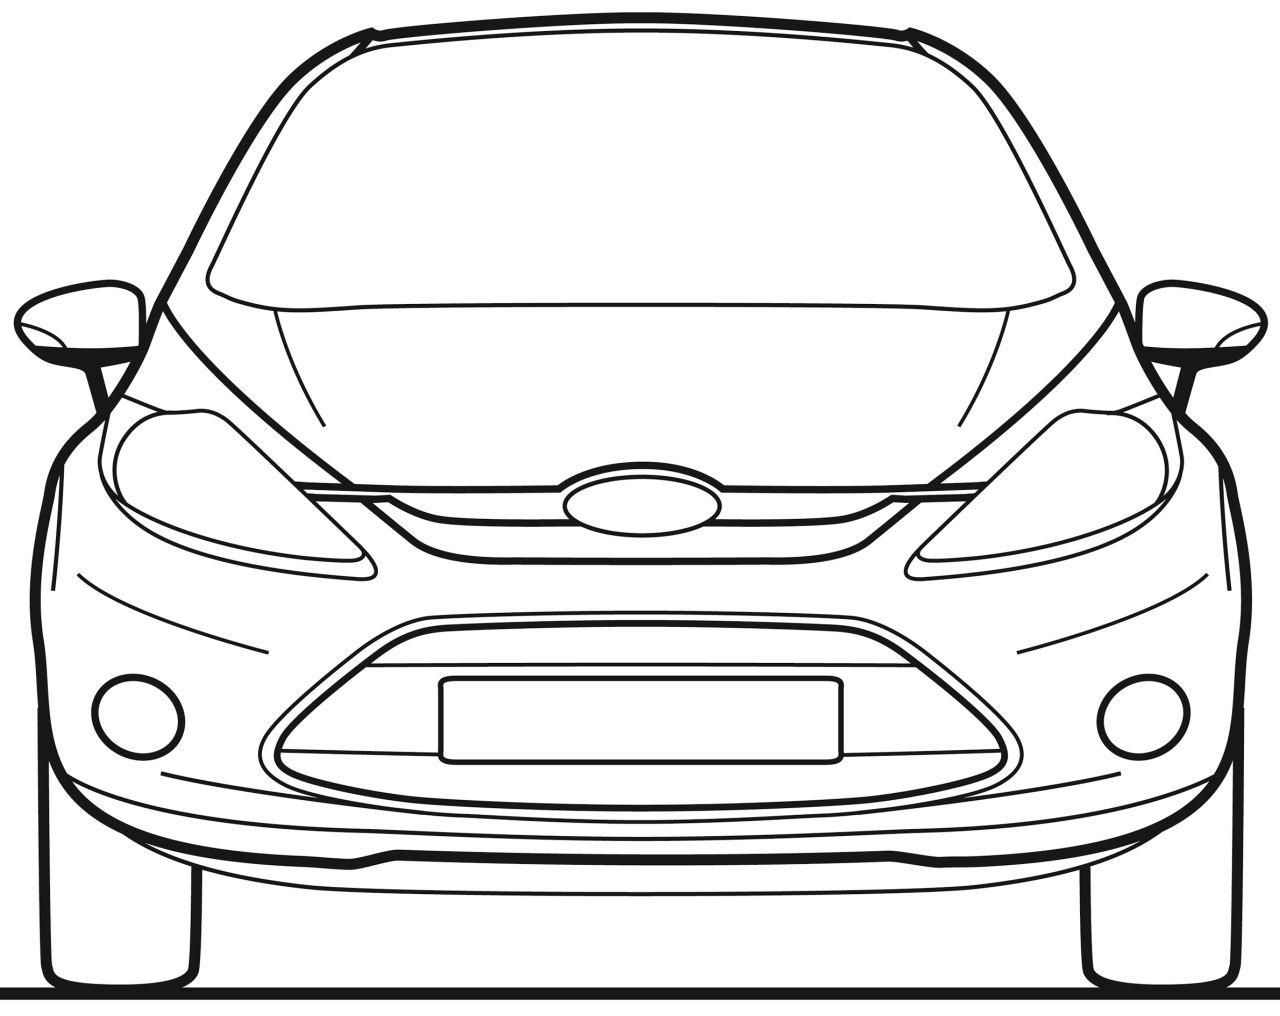 Masaustu Illustrasyon Cizgi Sanat Ford 2012 Netcarshow